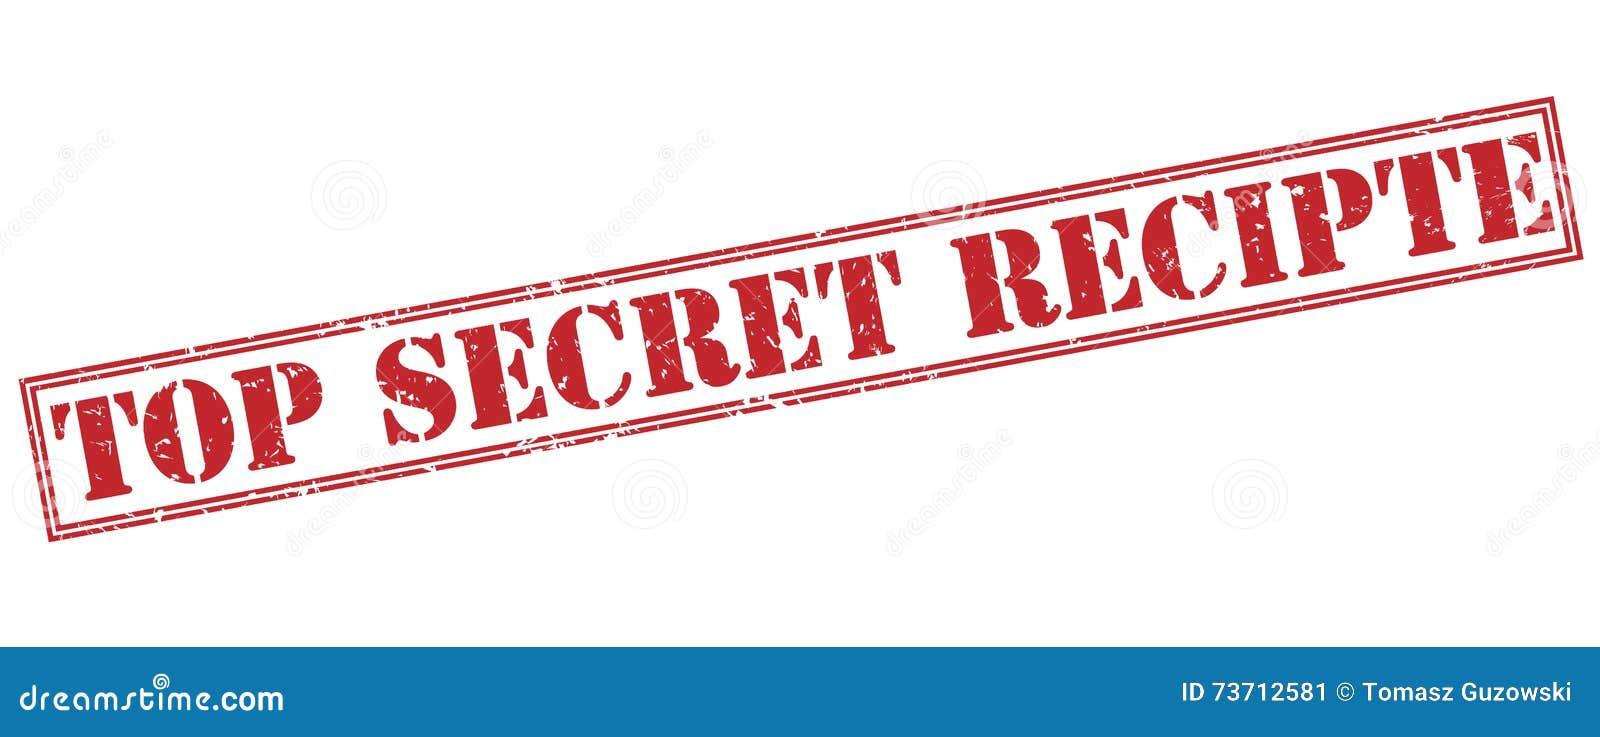 top secret recipte red stamp stock illustration illustration of